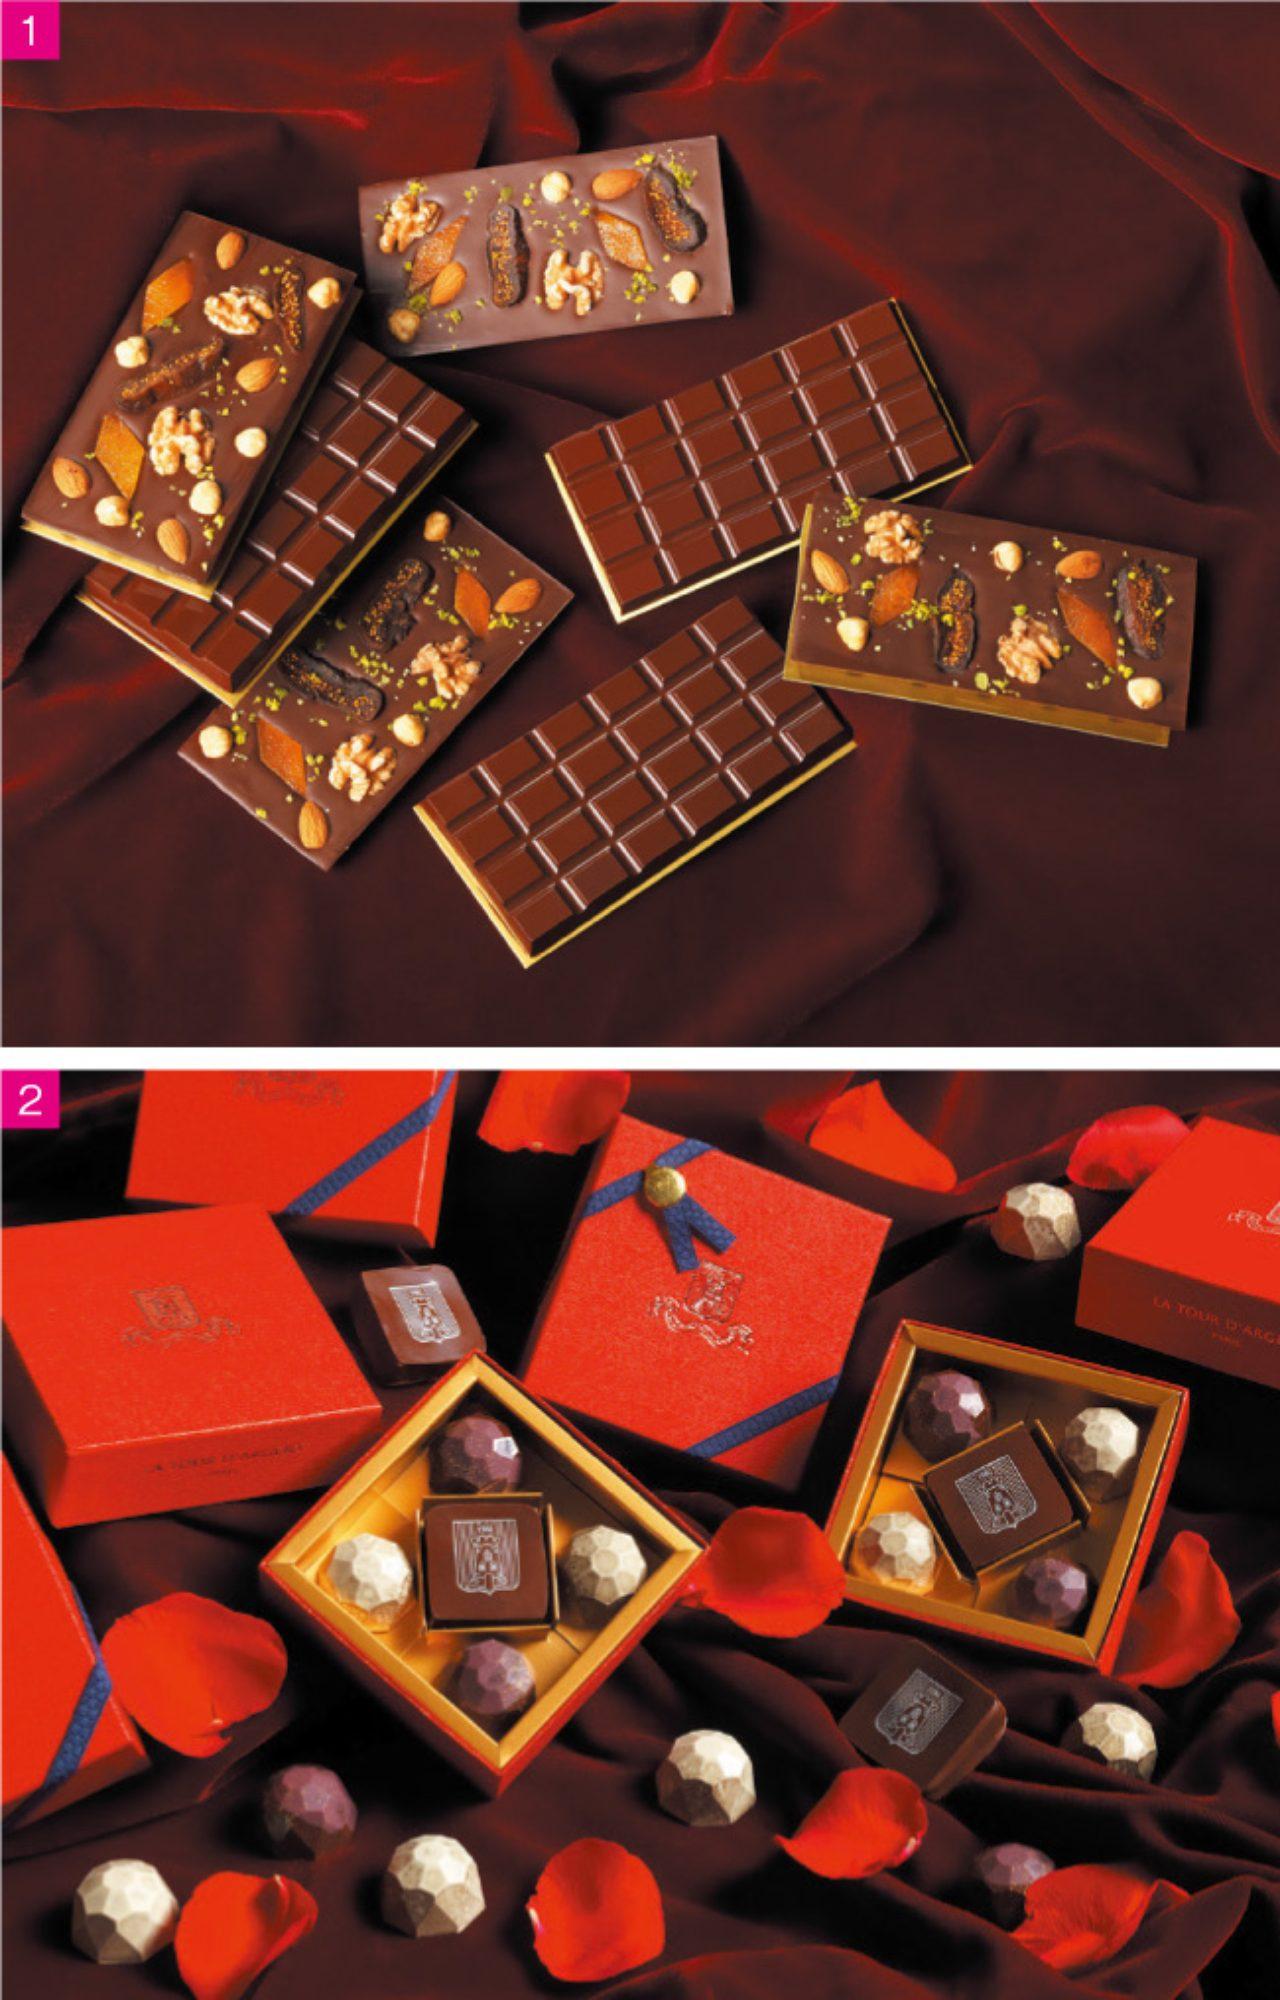 画像: 1.オーガニック ショコラ オリジナルタブレット(2800円/3000円 各2枚セット) 2.宝石をイメージした美しい生チョコ詰め合わせセット『ビジュー レッドボックス』(5個入り 2000円)